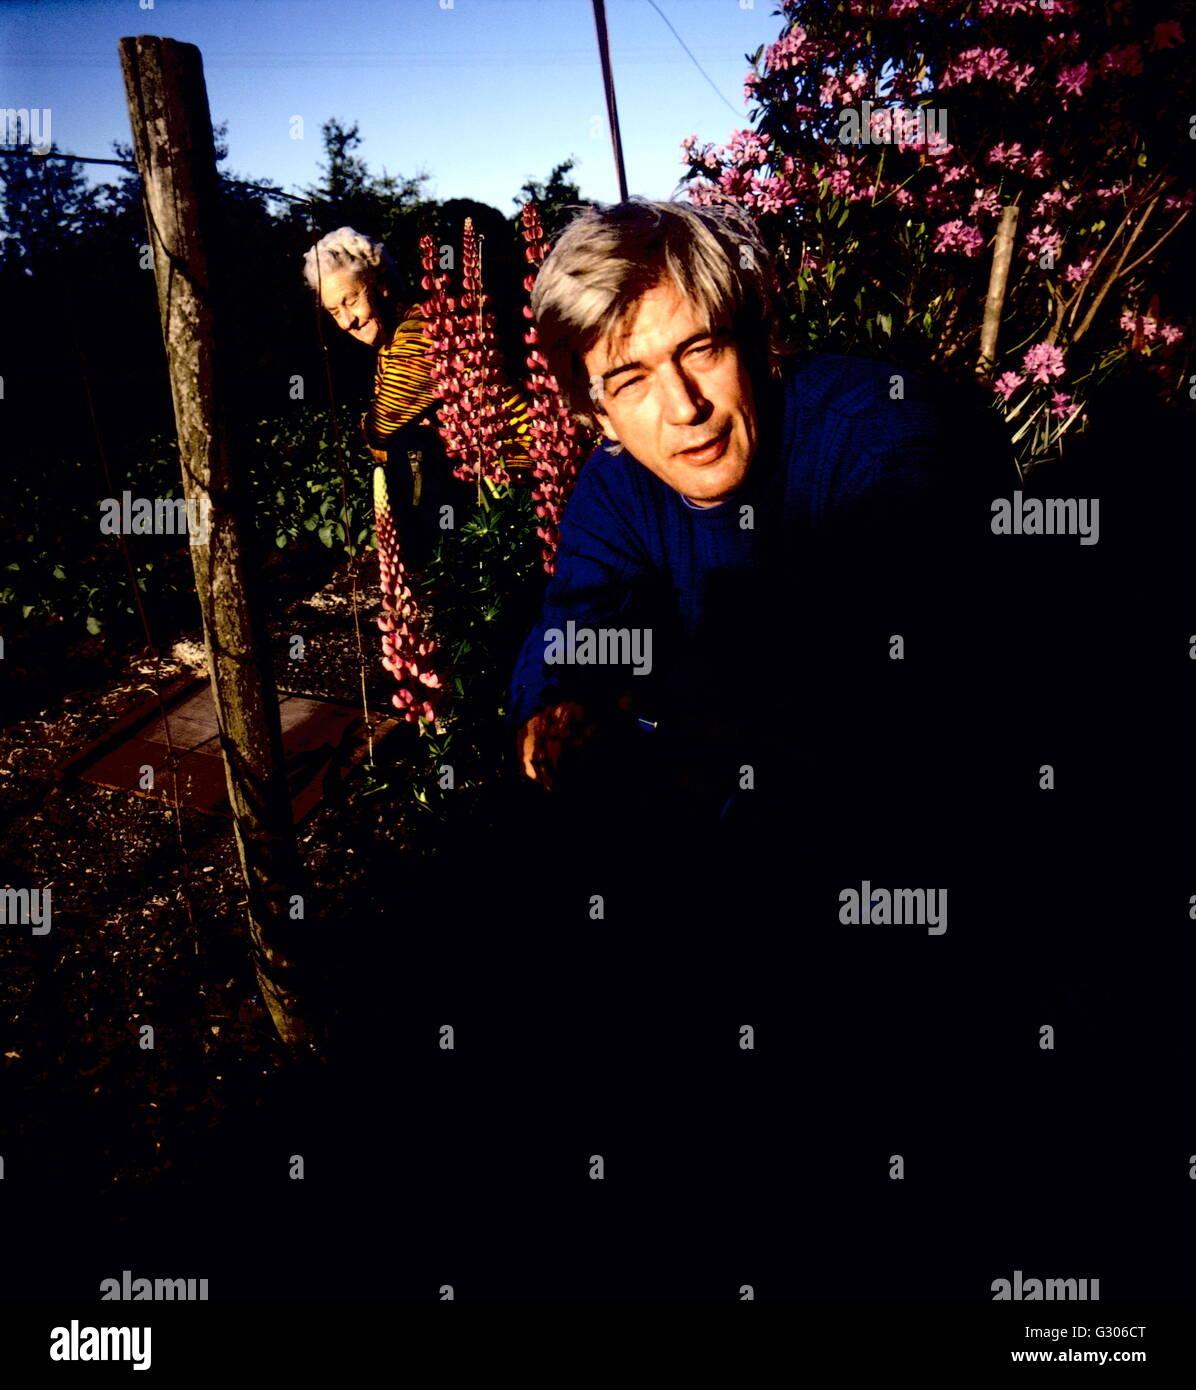 AJAXNETPHOTO - Mayo de 1989. ULCOMBE, Inglaterra. - El fotógrafo TIM PAGE EN EL JARDÍN DE SU CASA EN Windmill Hill. Foto de stock